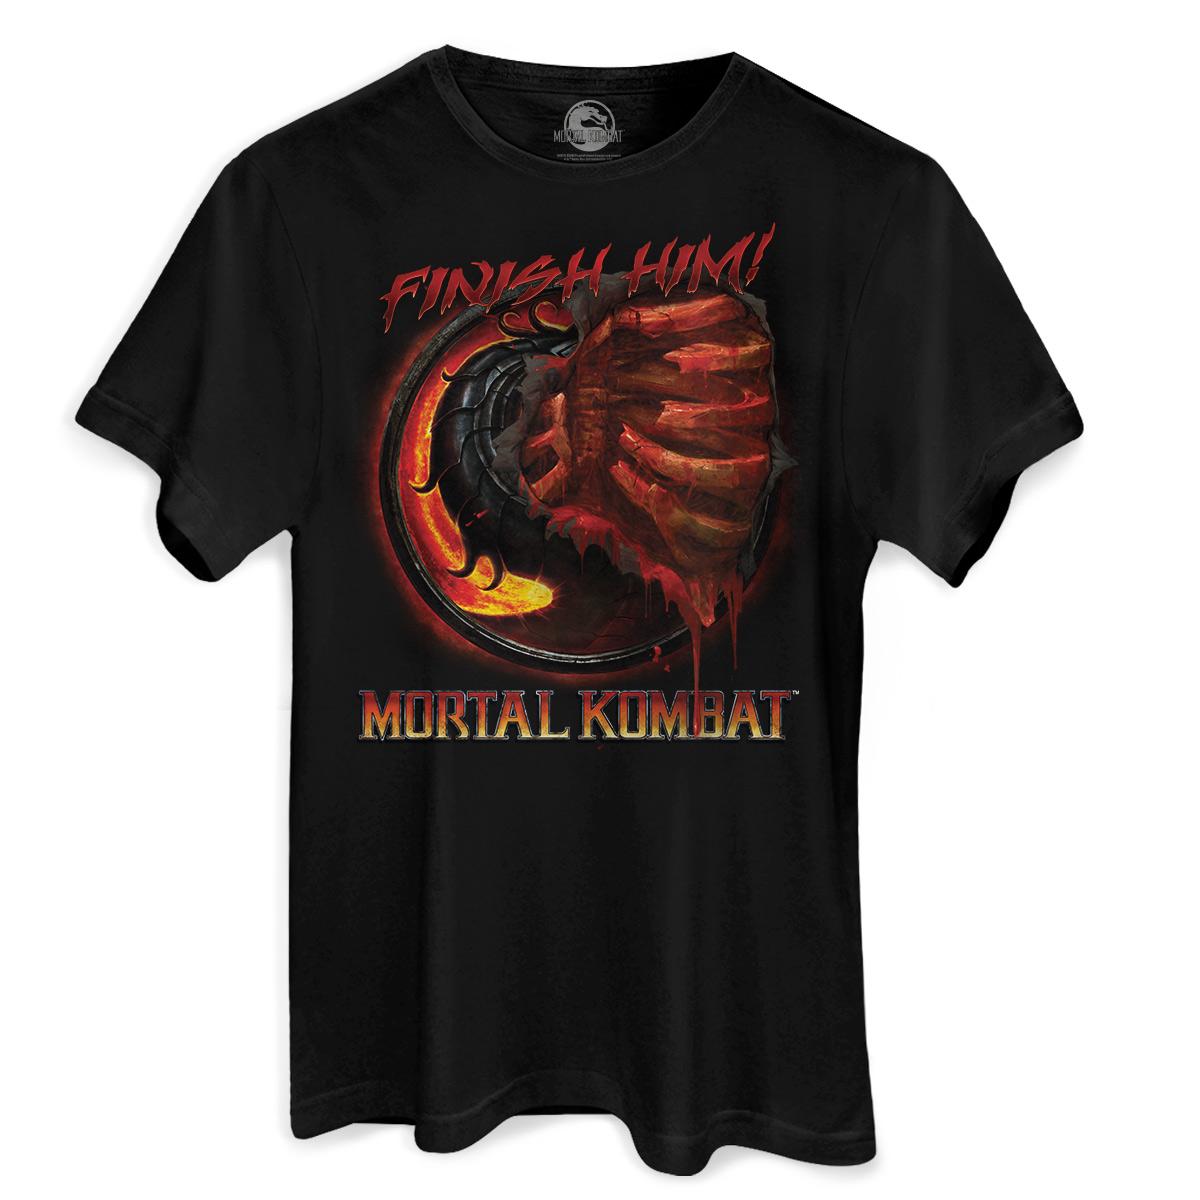 Camiseta Masculina Mortal Kombat Fatality  - bandUP Store Marketplace